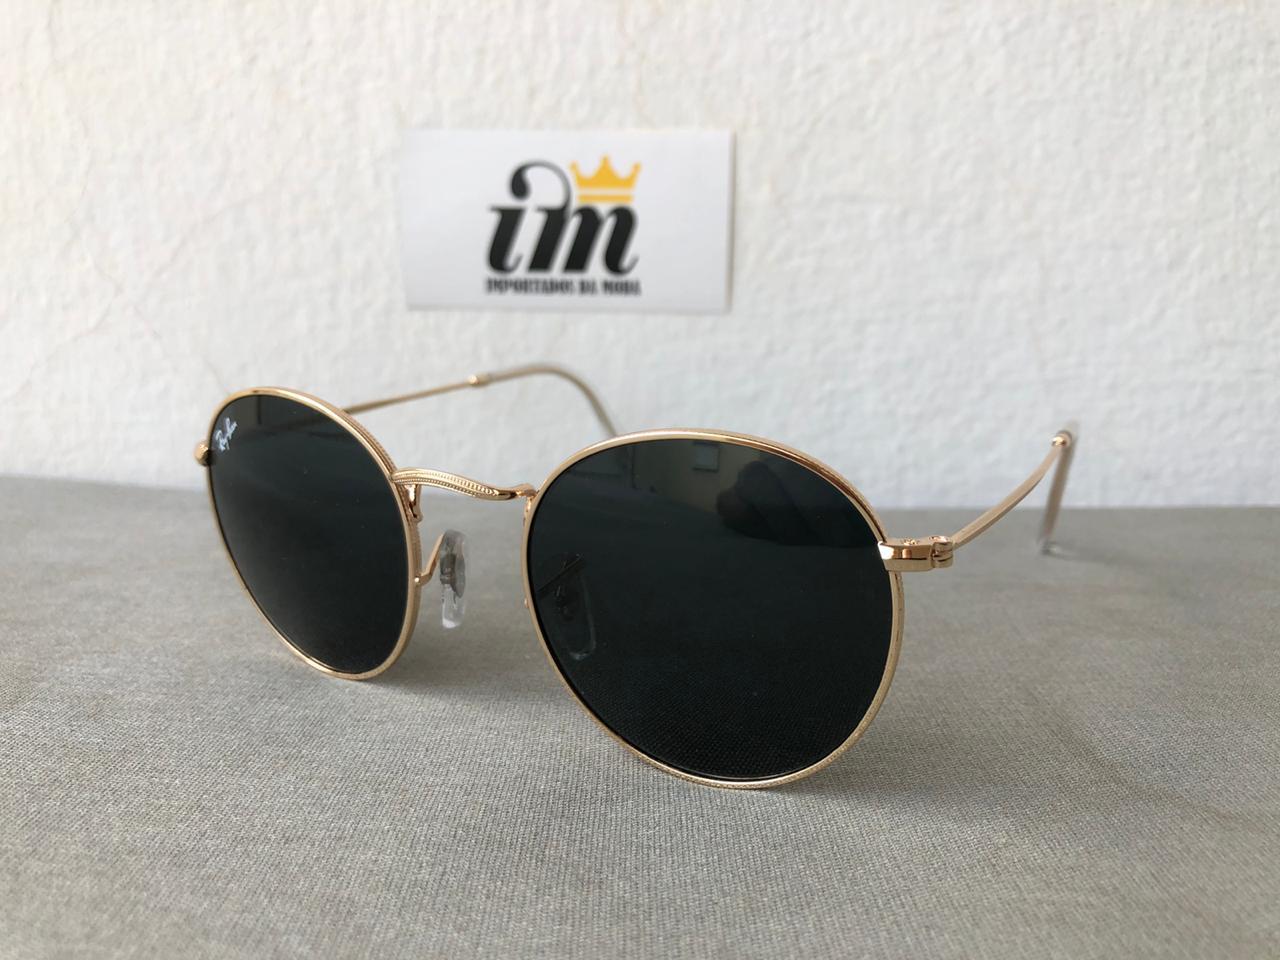 Oculos Sol Round Dourado Preto Replica Primeira Linha